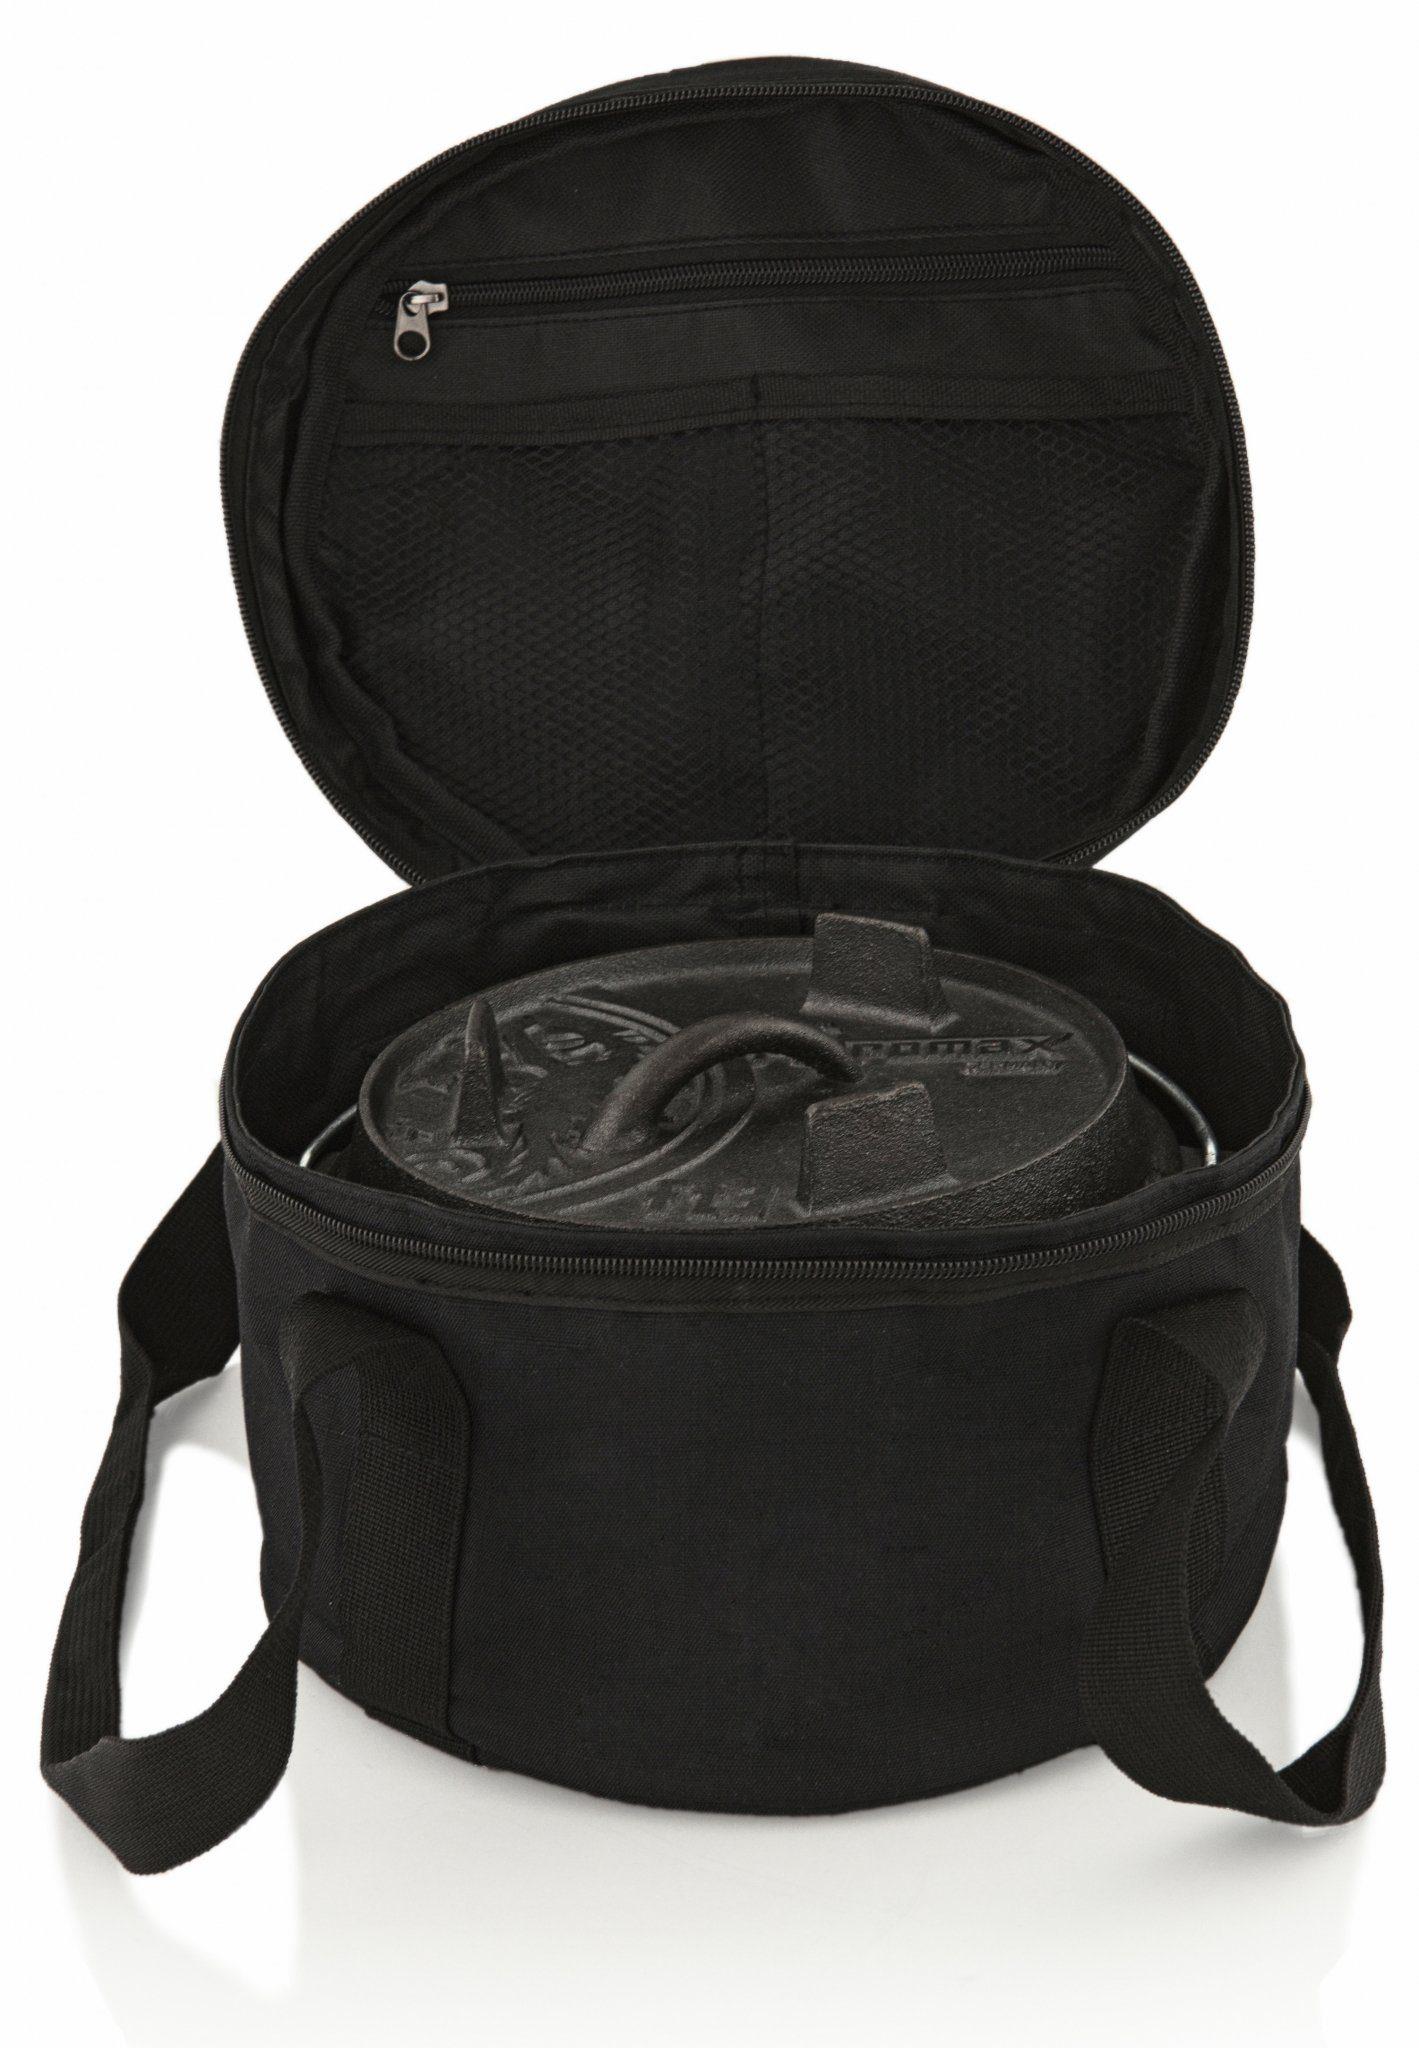 Petromax Camping-Kocher »Tasche für Feuertopf zu Modell ft 3«